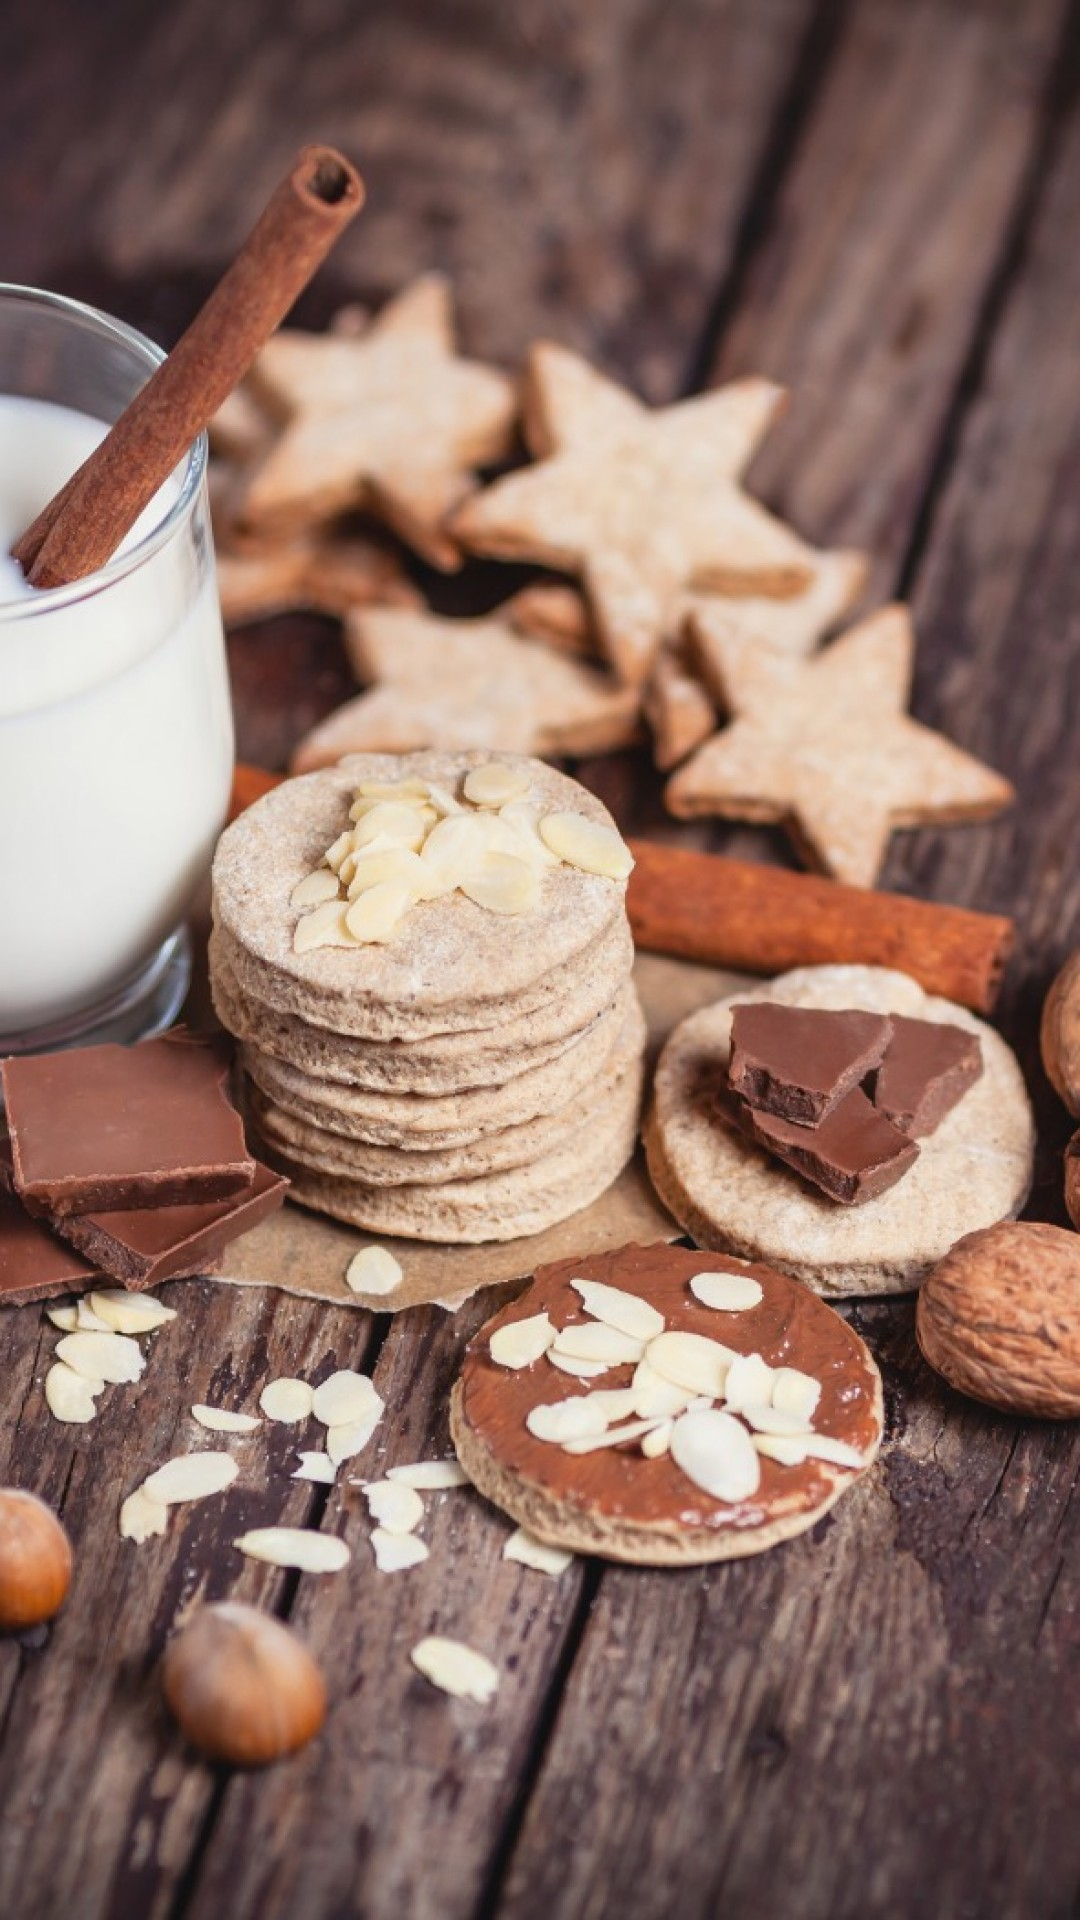 Wallpaper Milk Drinks Spices Cinnamon Nuts Walnuts